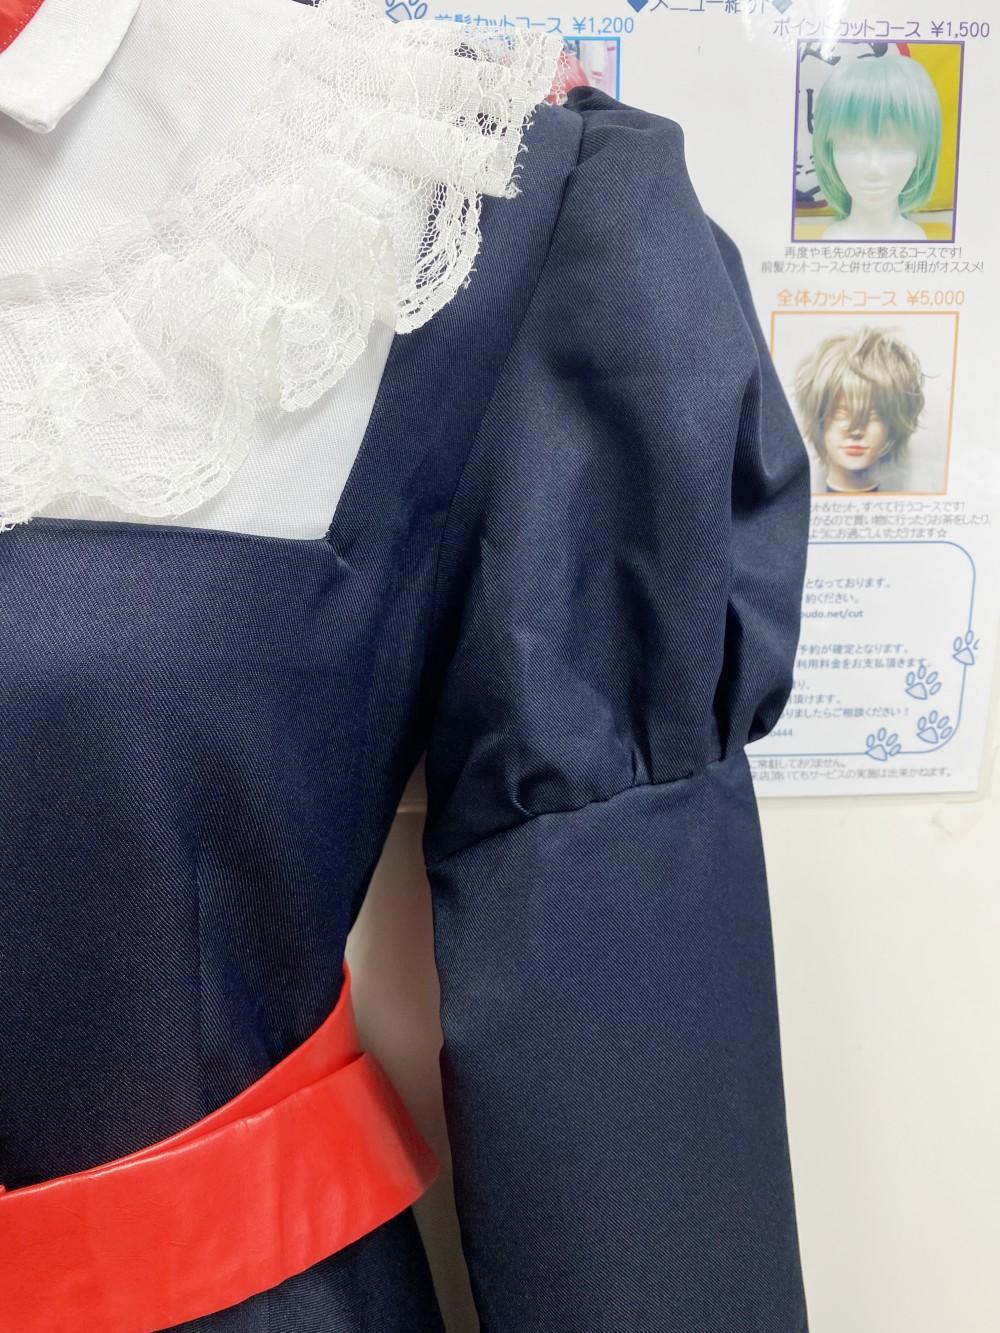 うたの☆プリンスさまっ♪All Star 七海春歌 風衣装【帽子/手袋付き】